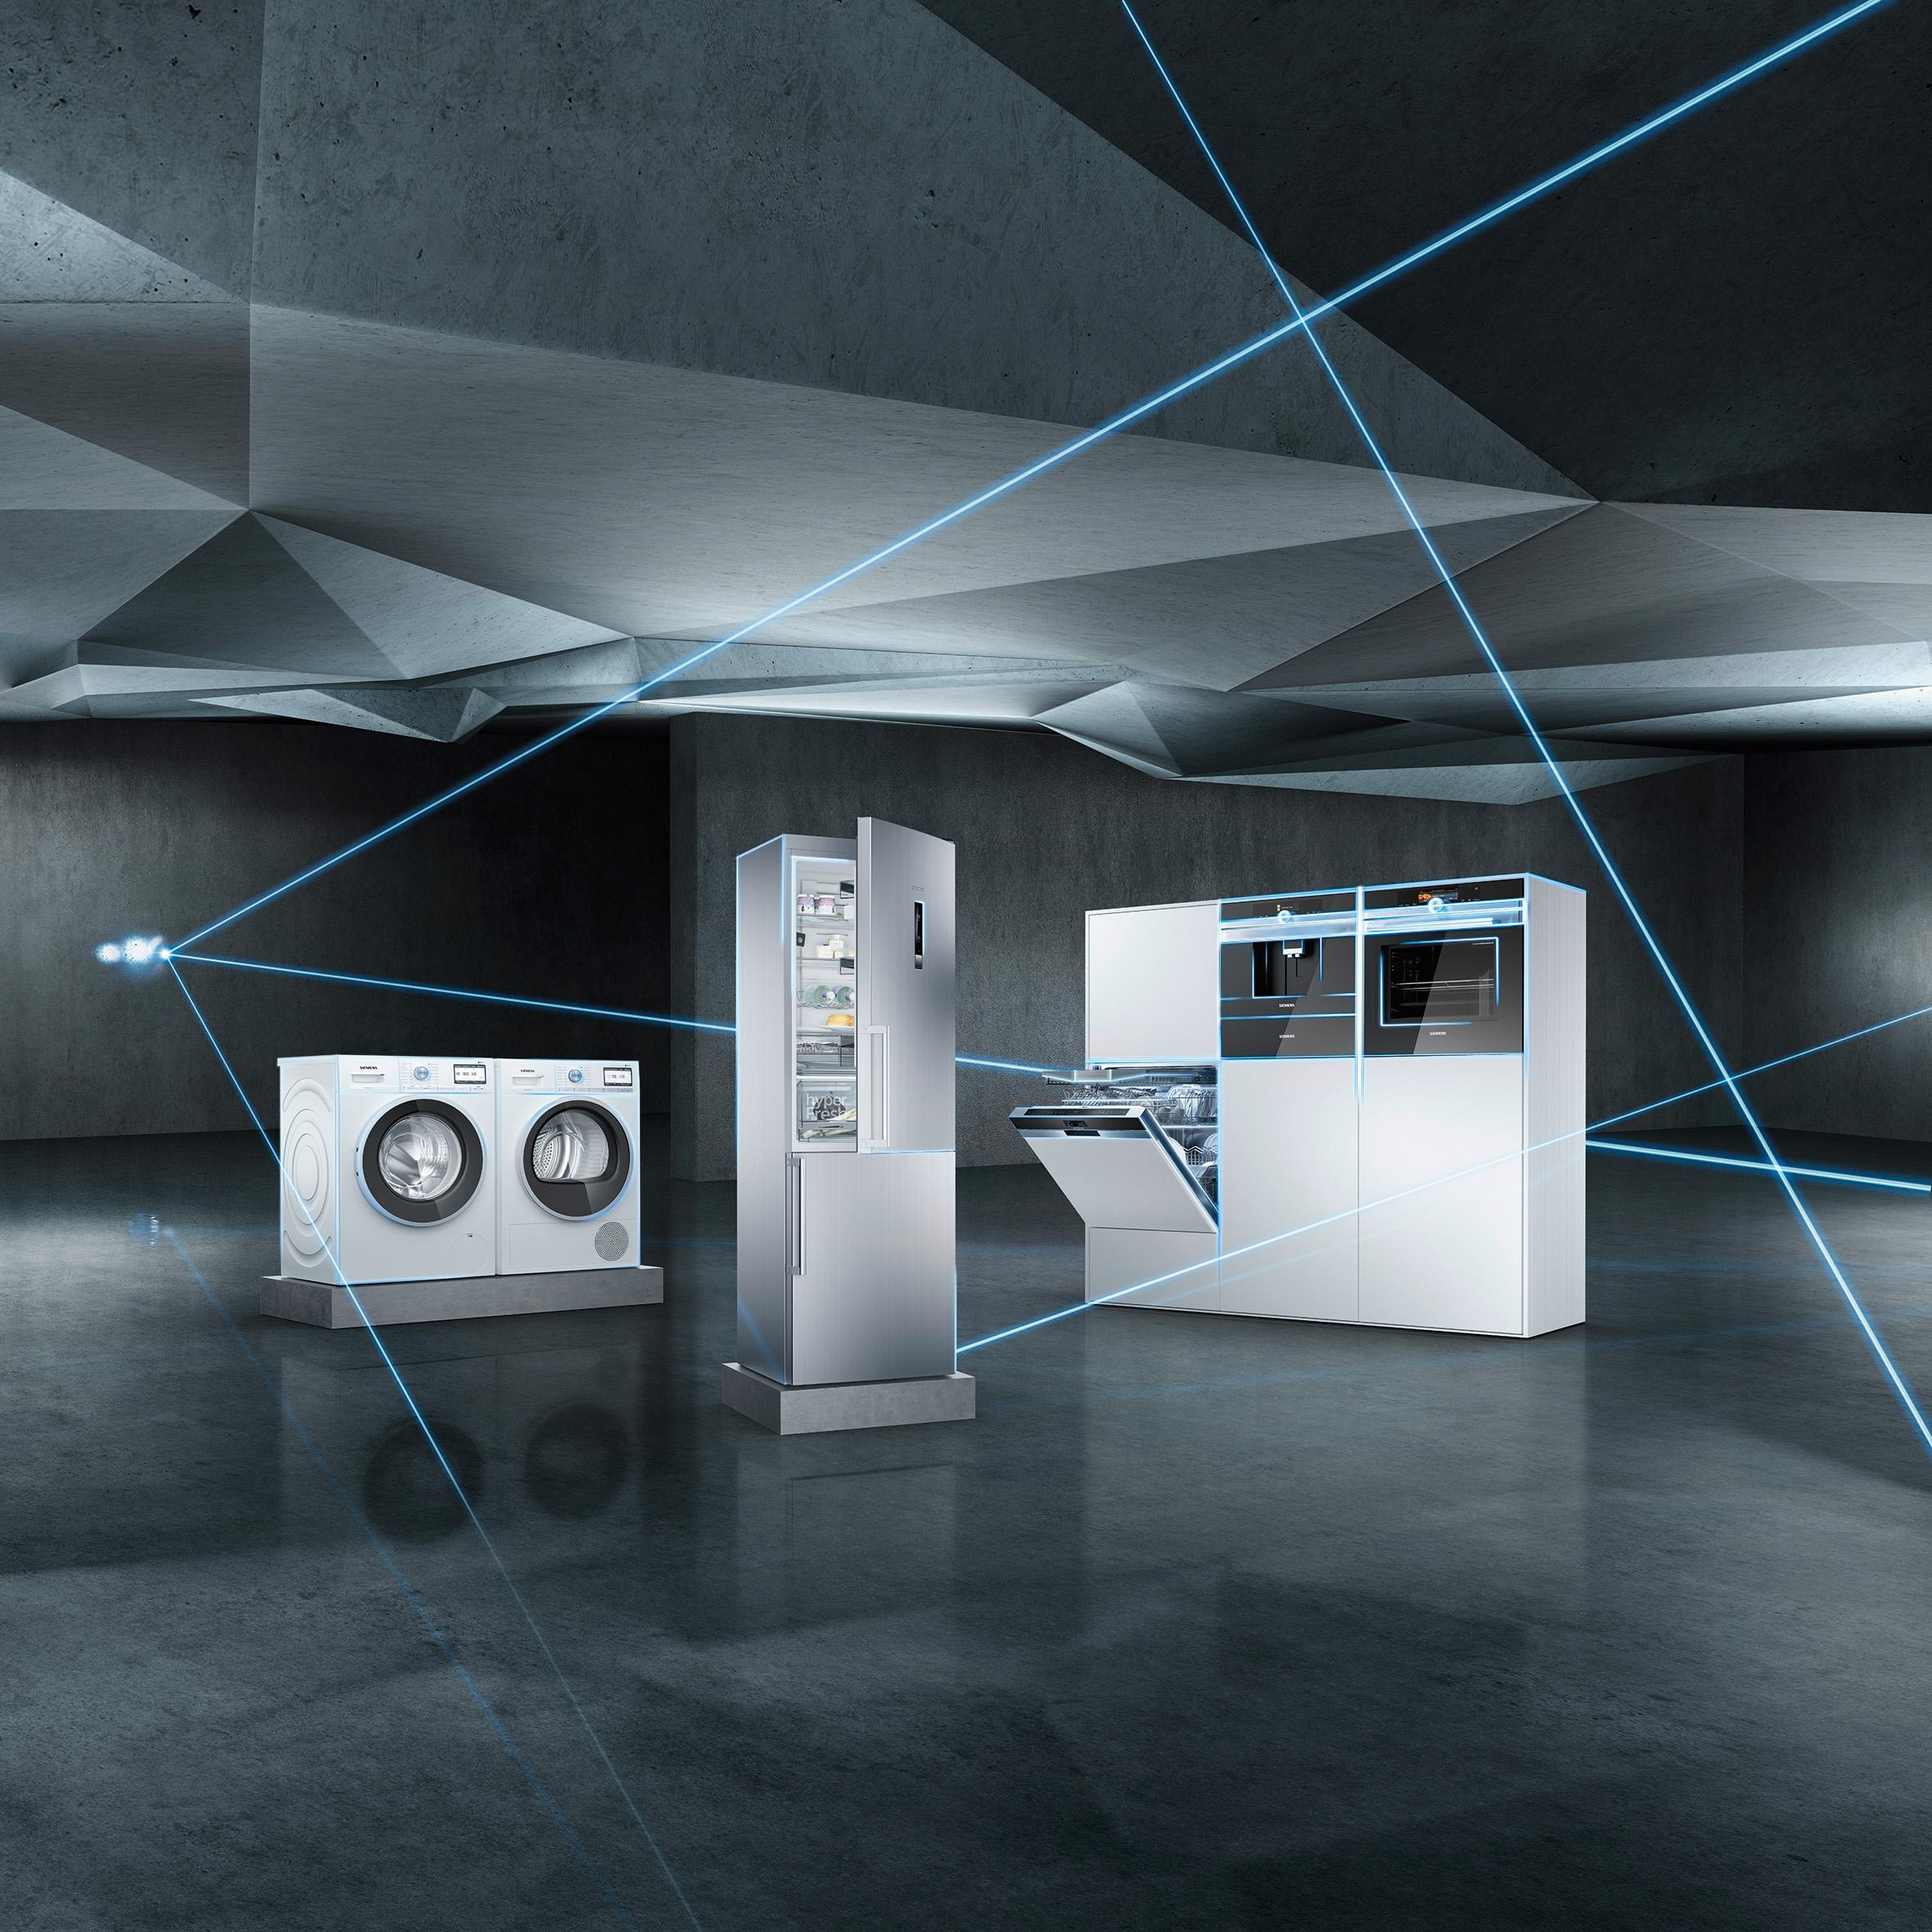 Küche Mit Siemens Geräten | Die Smarte Kuche Von Siemens Ist Komplett Mit Connectivityfahigen